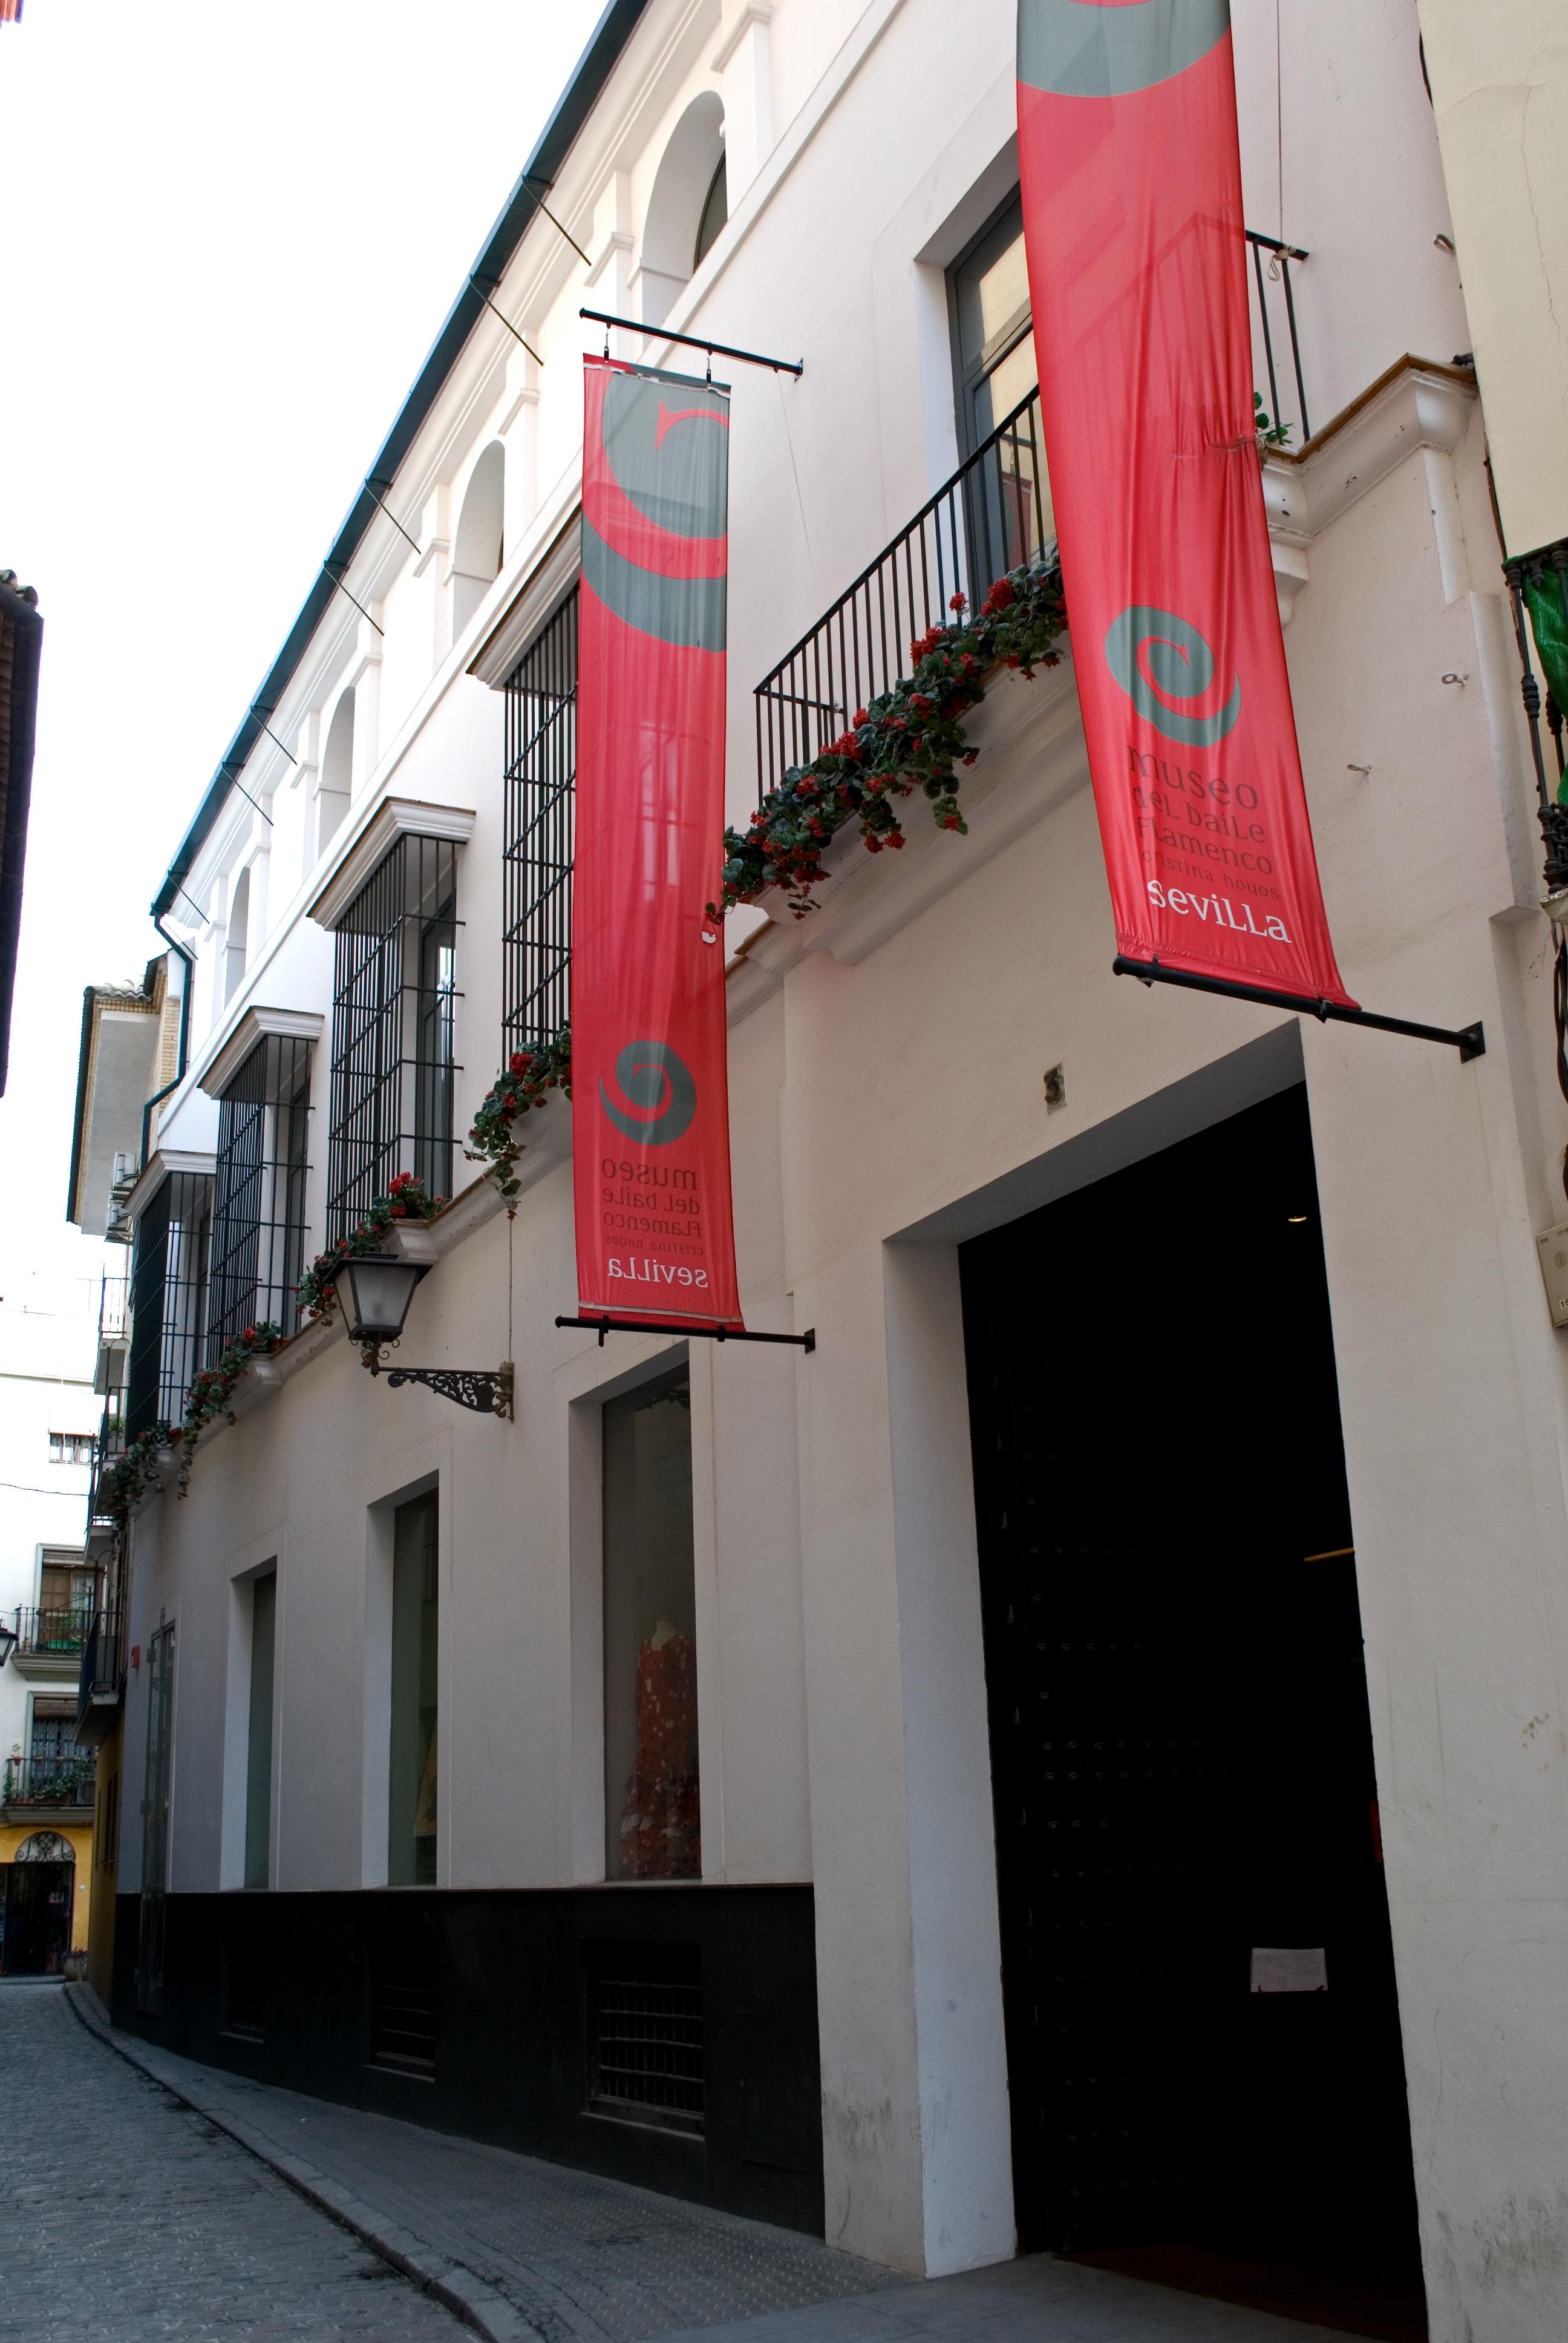 Archivo:Museo del baile flamenco, sevilla.jpg - Wikipedia ...